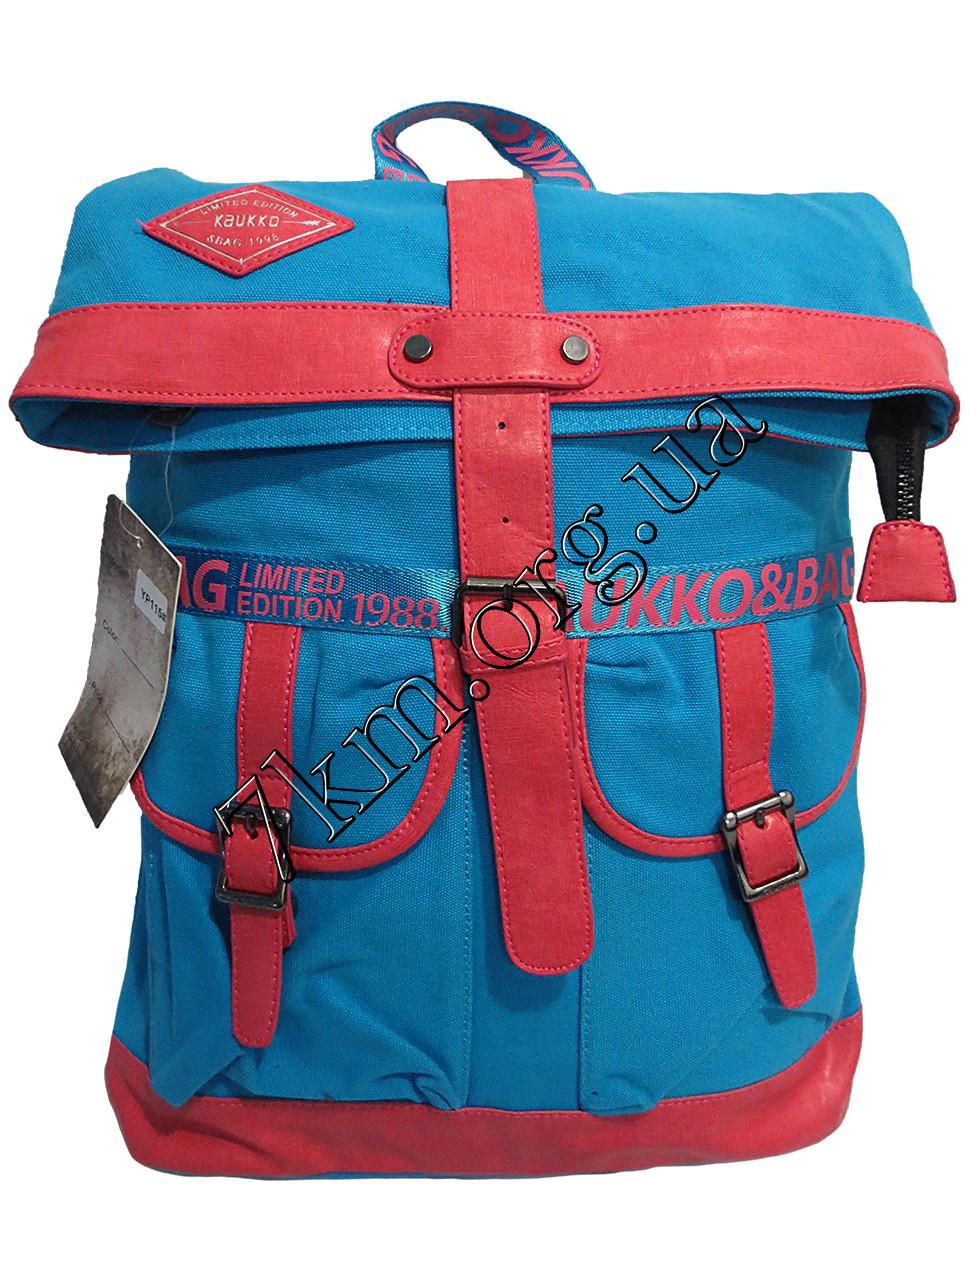 Школьный удлиненный рюкзак для девочек Kaukko CR YP115